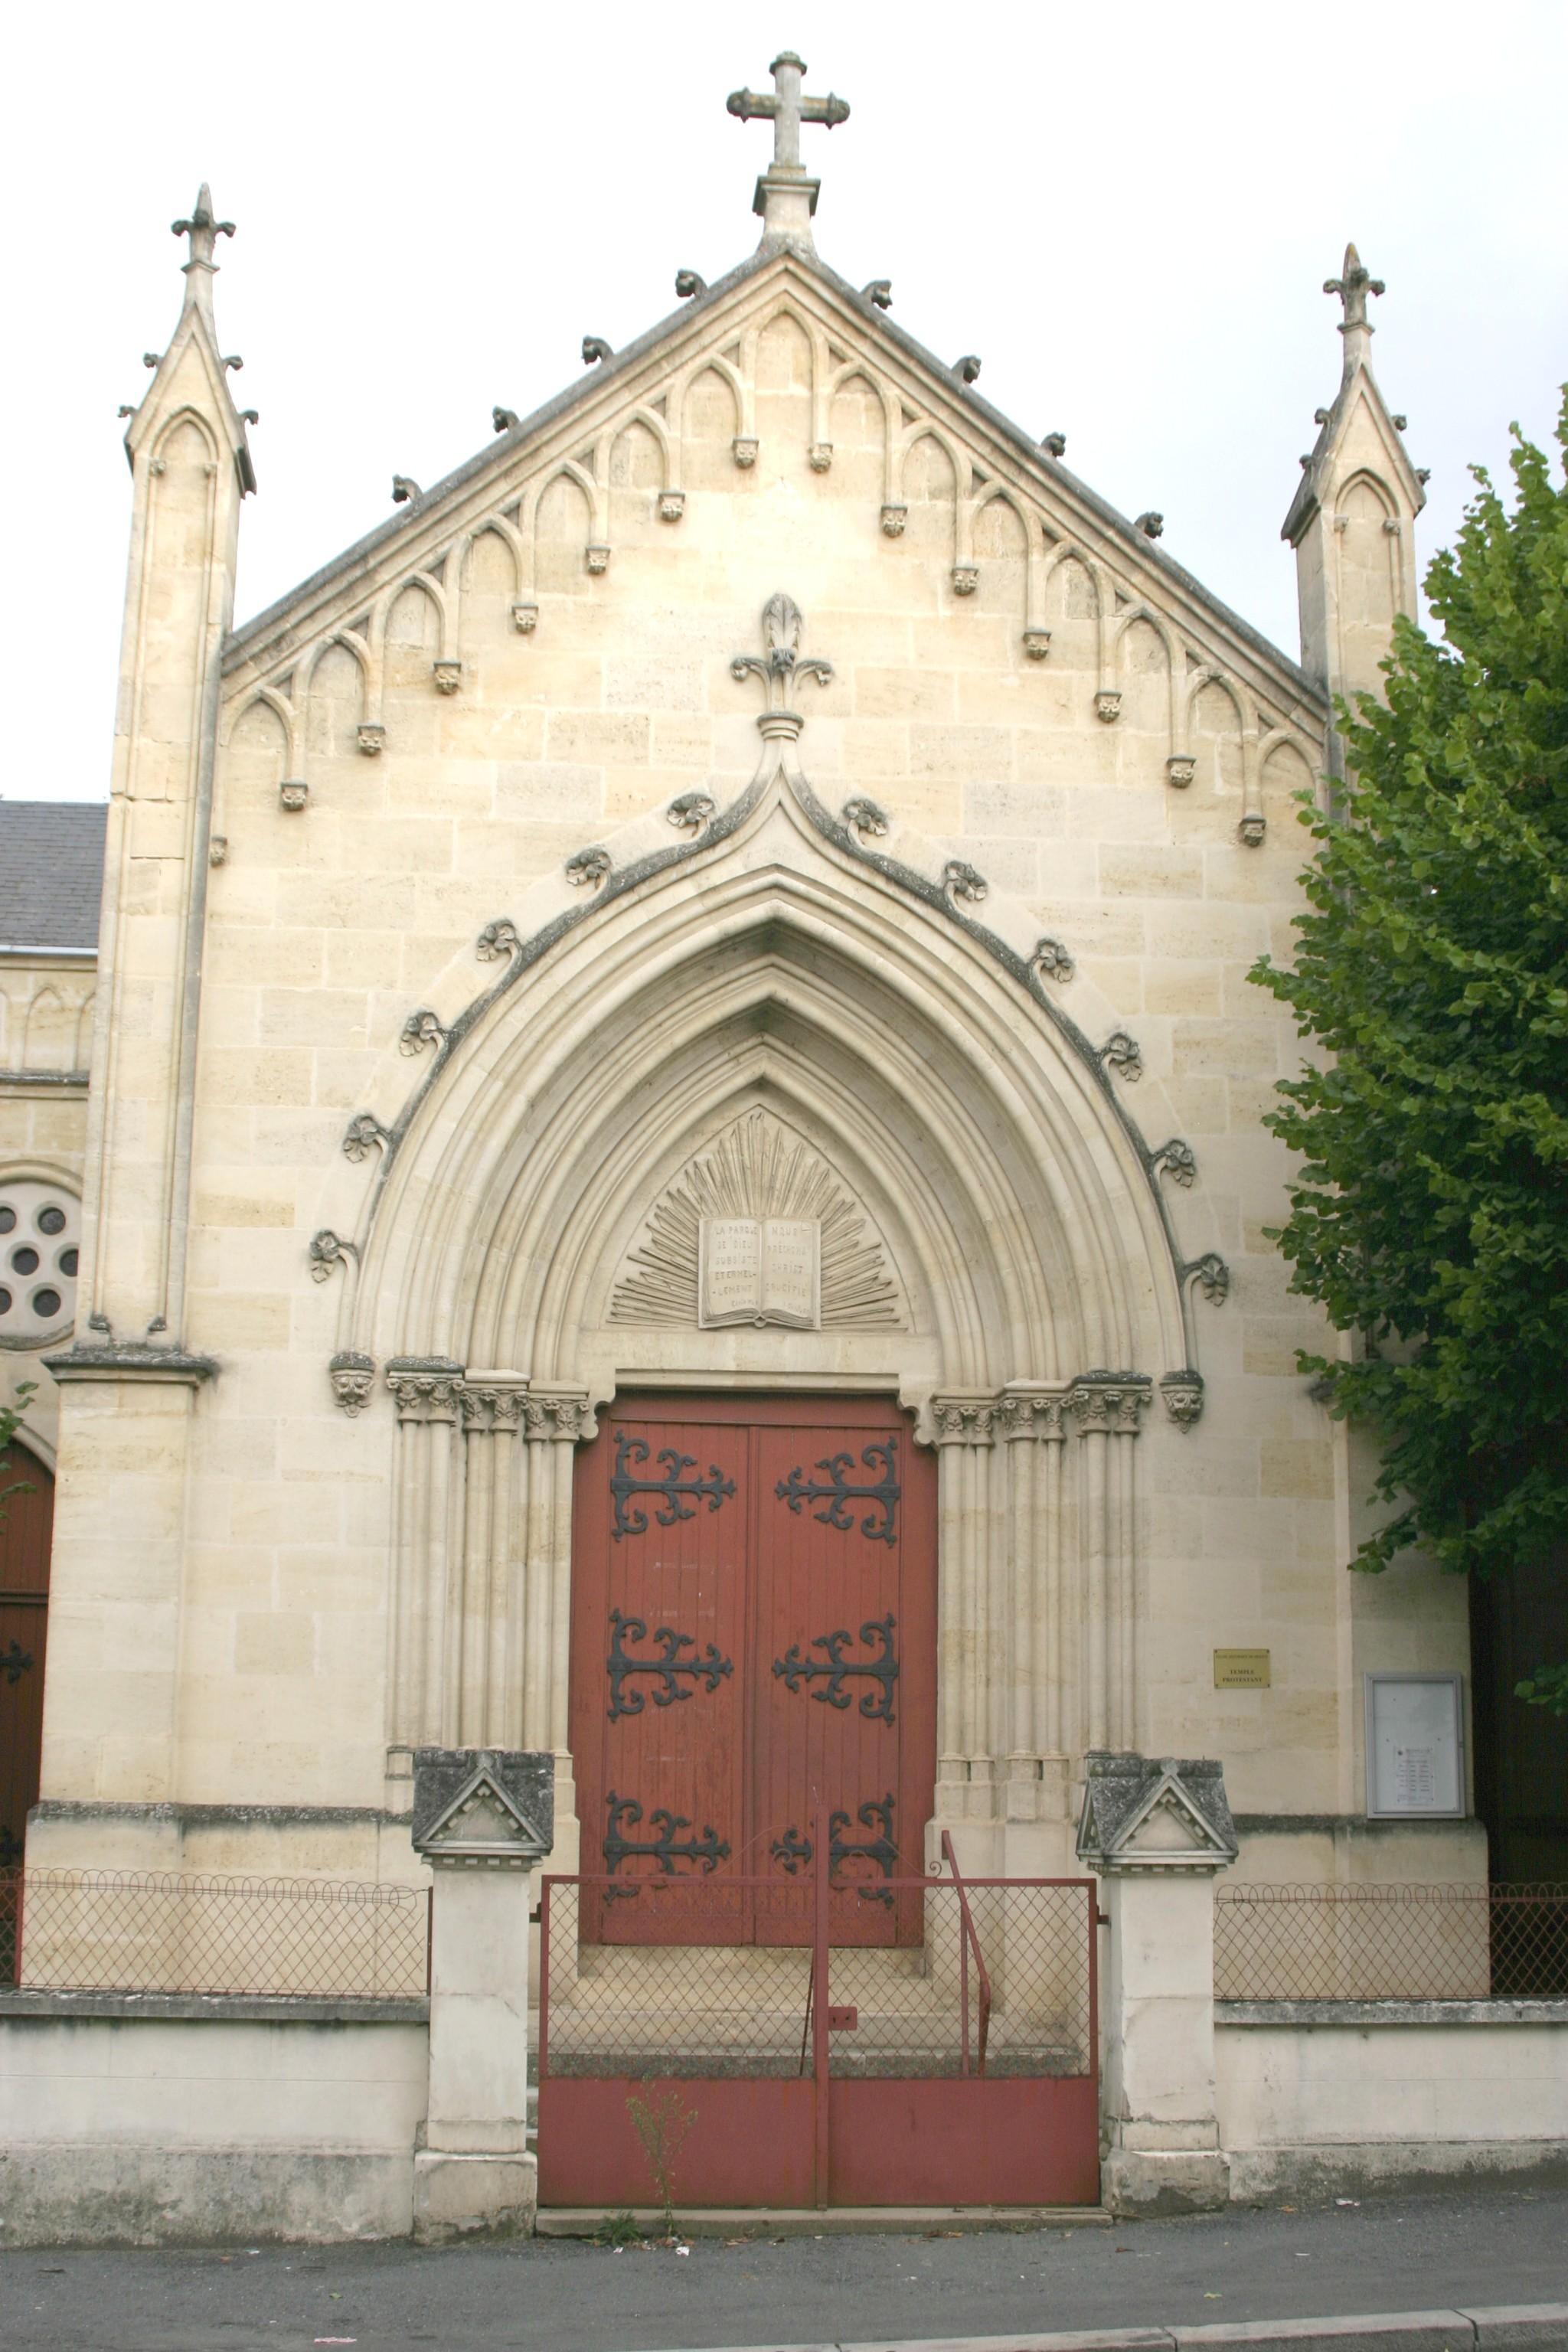 33350-EGLISE PROTESTANTE UNIE DE CASTILLON LA BATAILLE dans 33-Gironde 001-temple-de-castillon-la-bataille-gironde